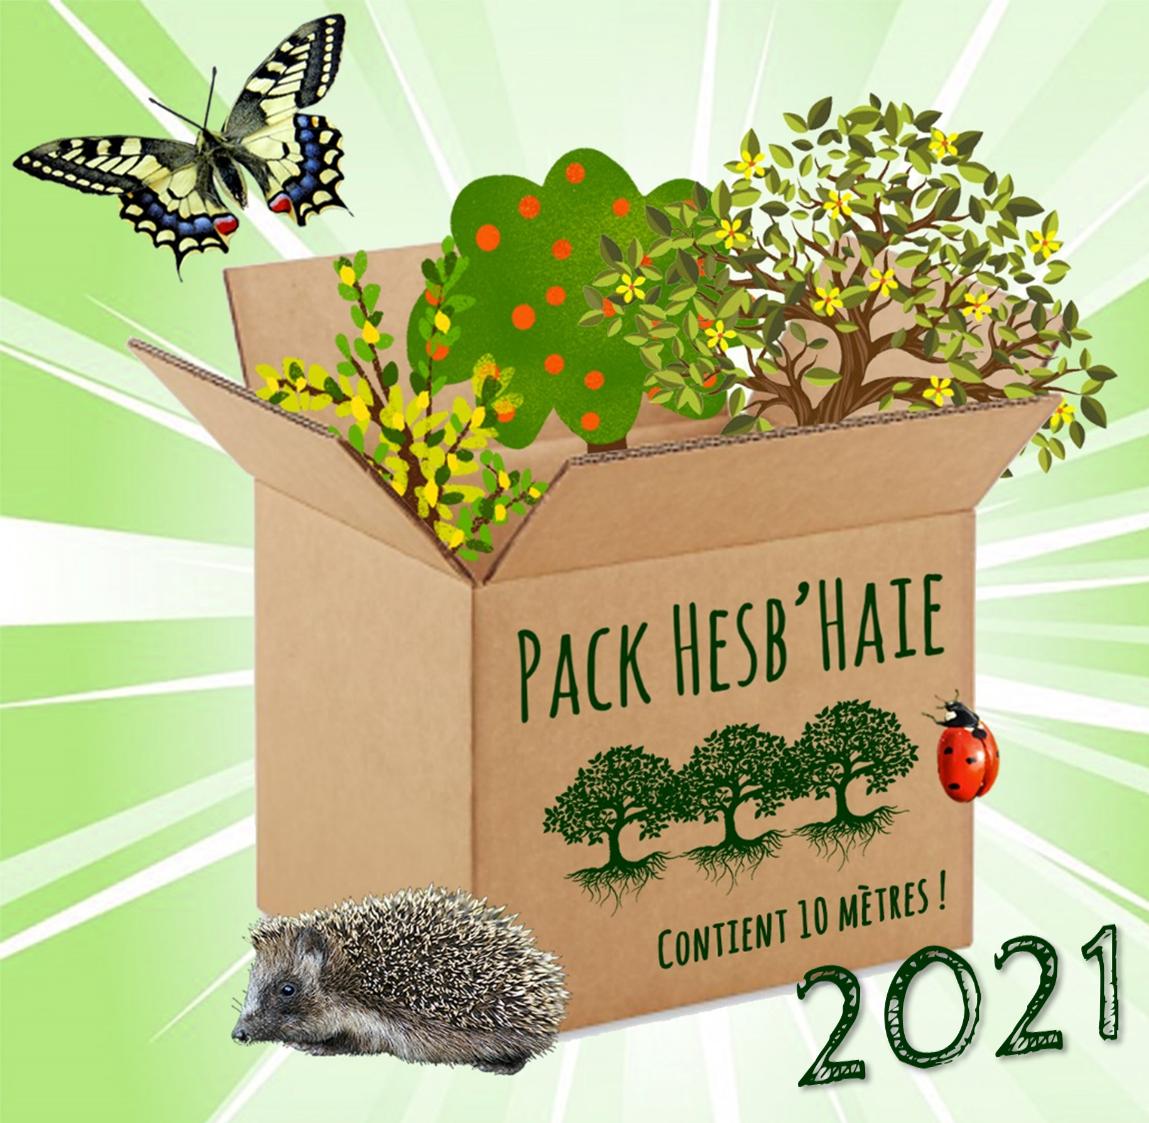 Ouverture des commandes du Pack Hesb'Haie 2021 !